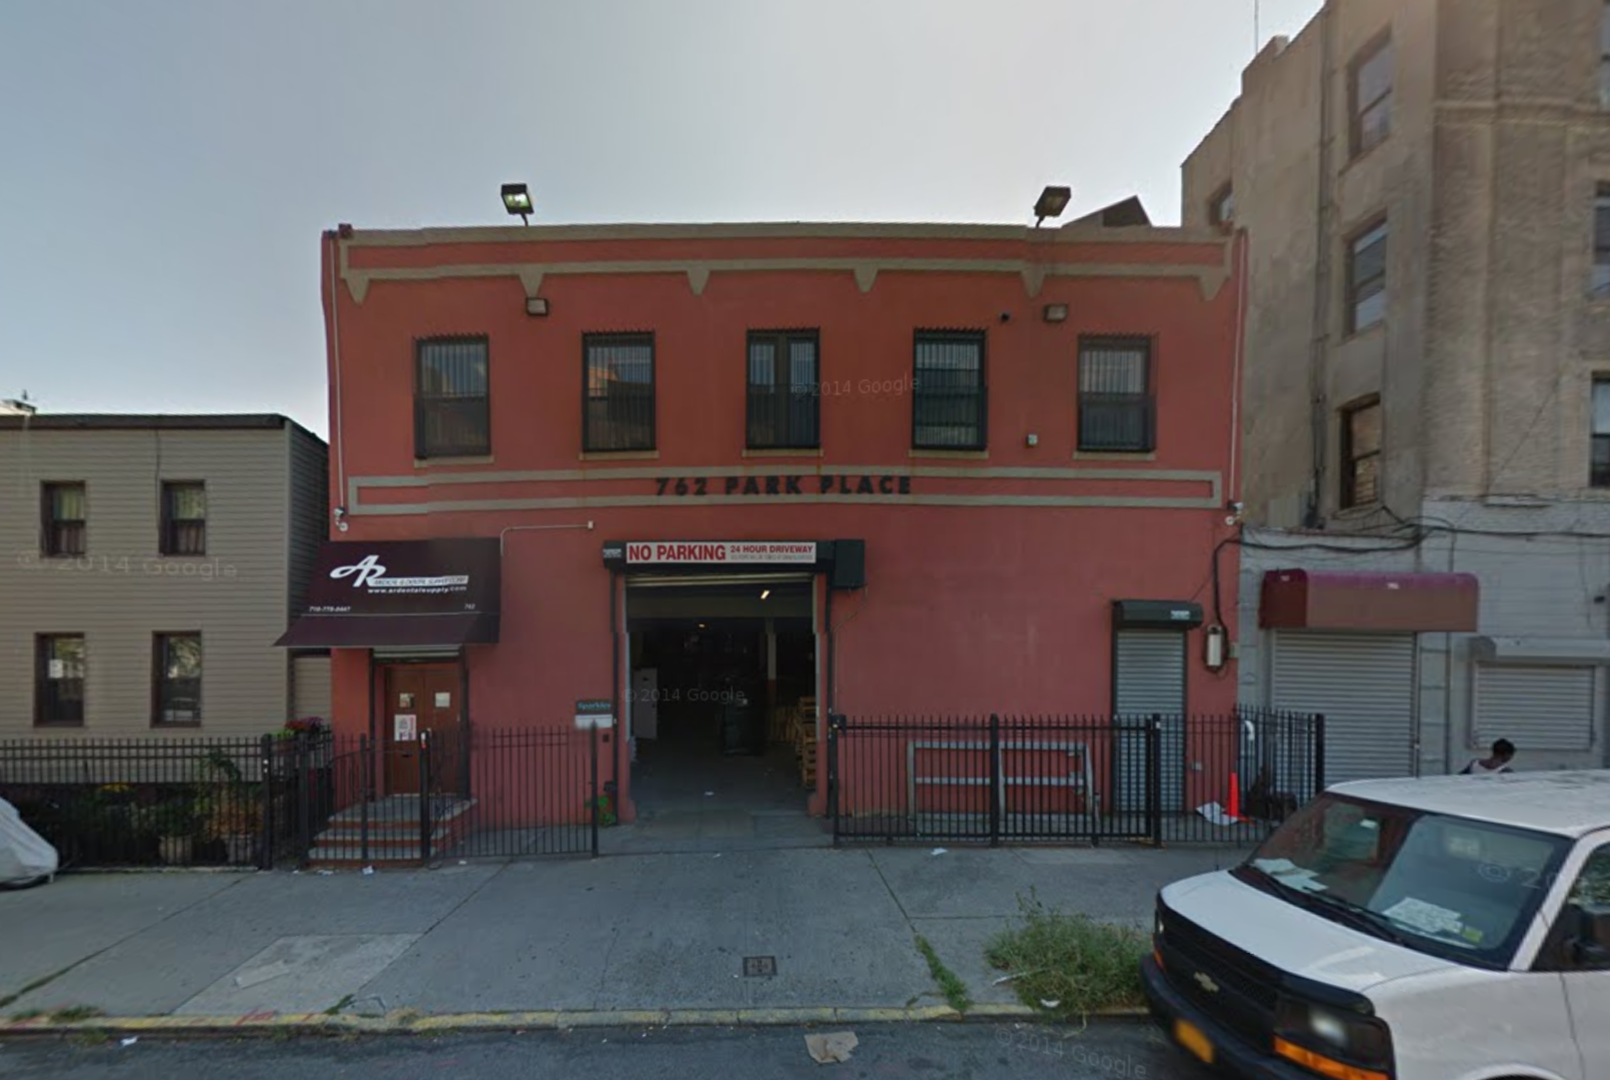 762 Park Place, image via Google Maps